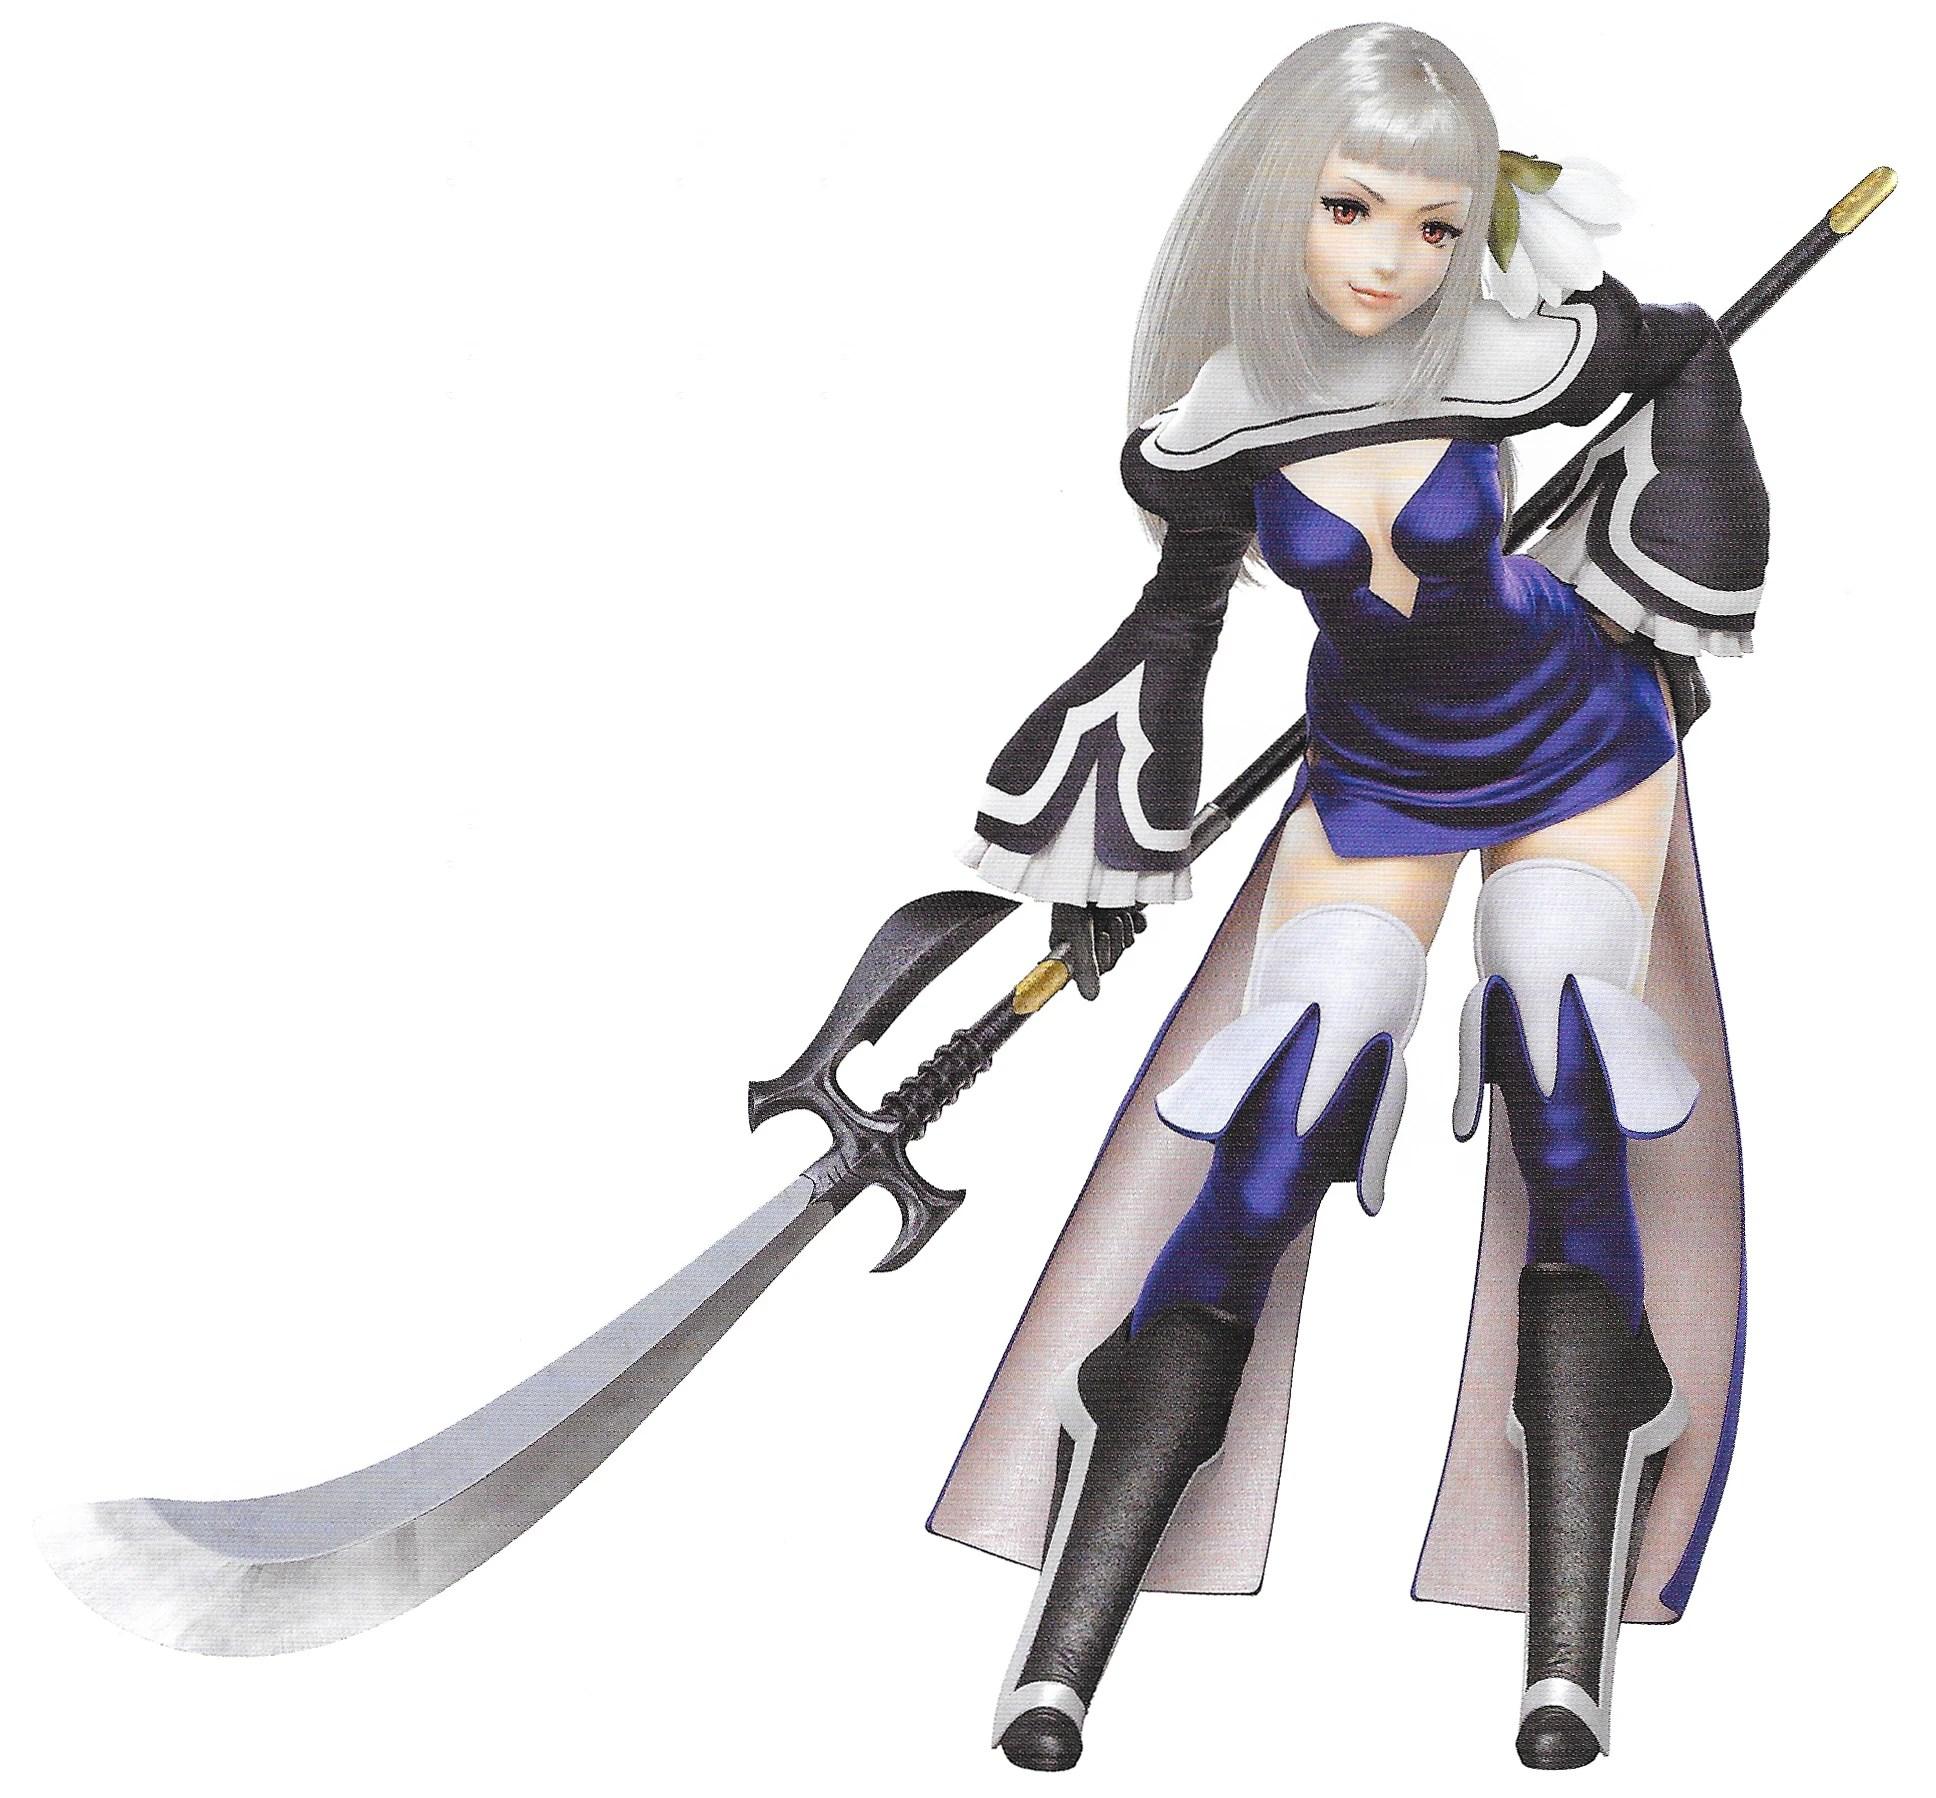 Magnolia Arch Final Fantasy Wiki FANDOM Powered By Wikia